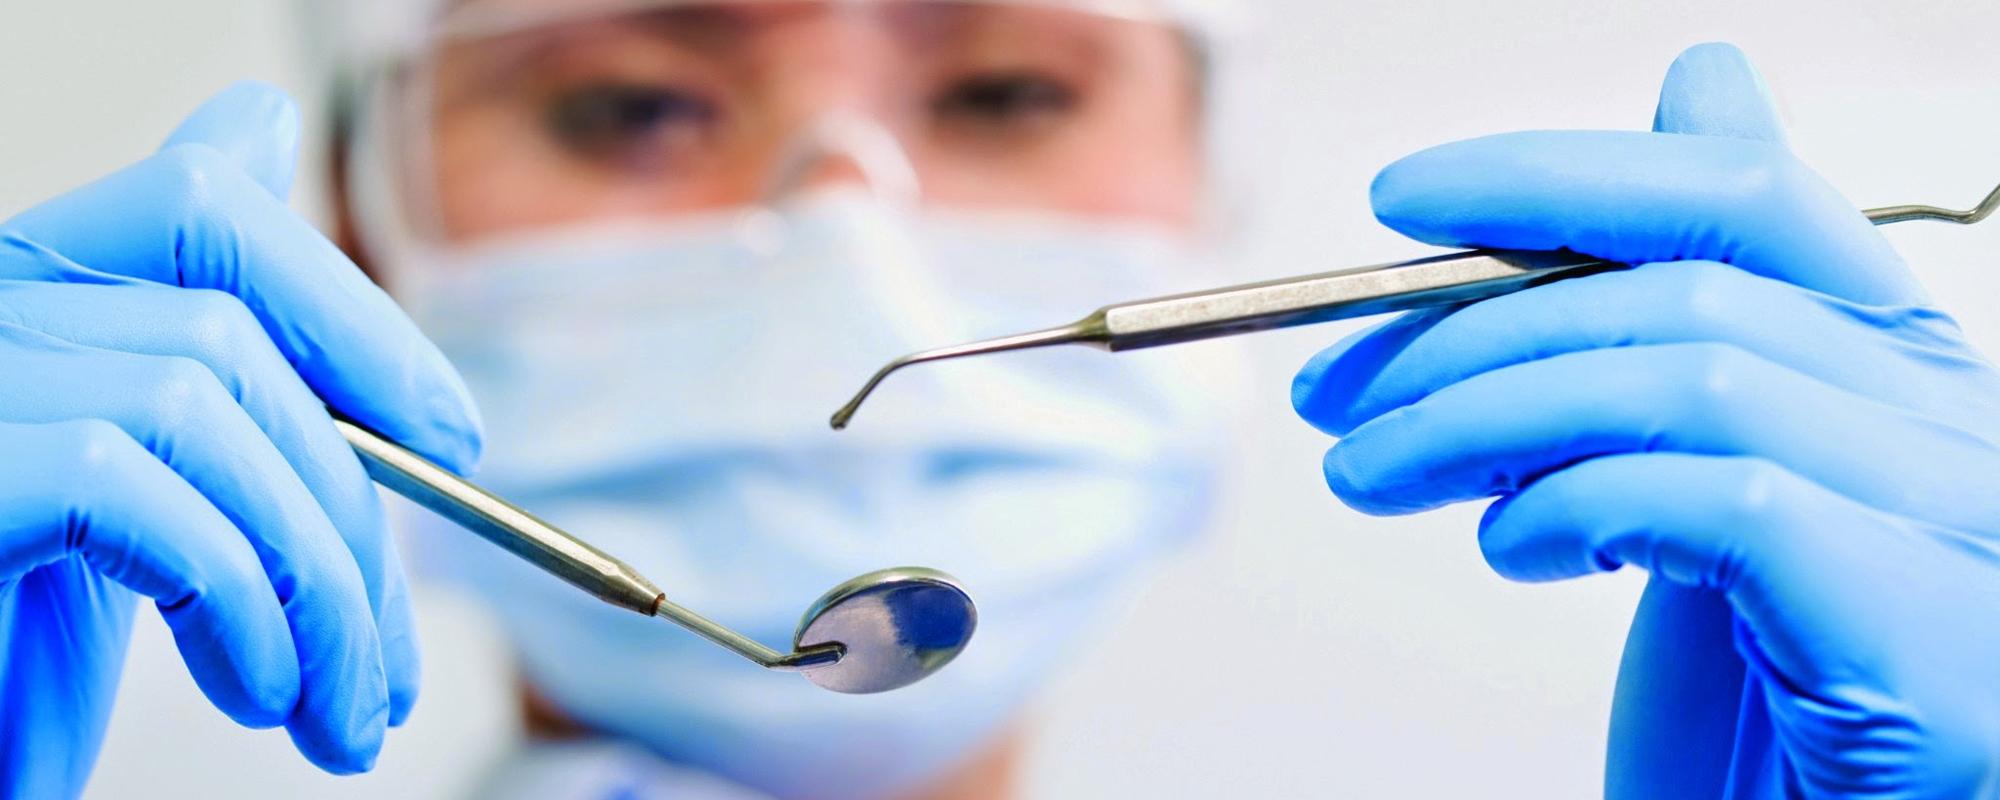 DUS VE STS Diş Hekimliği sınav giriş belgeleri internette!